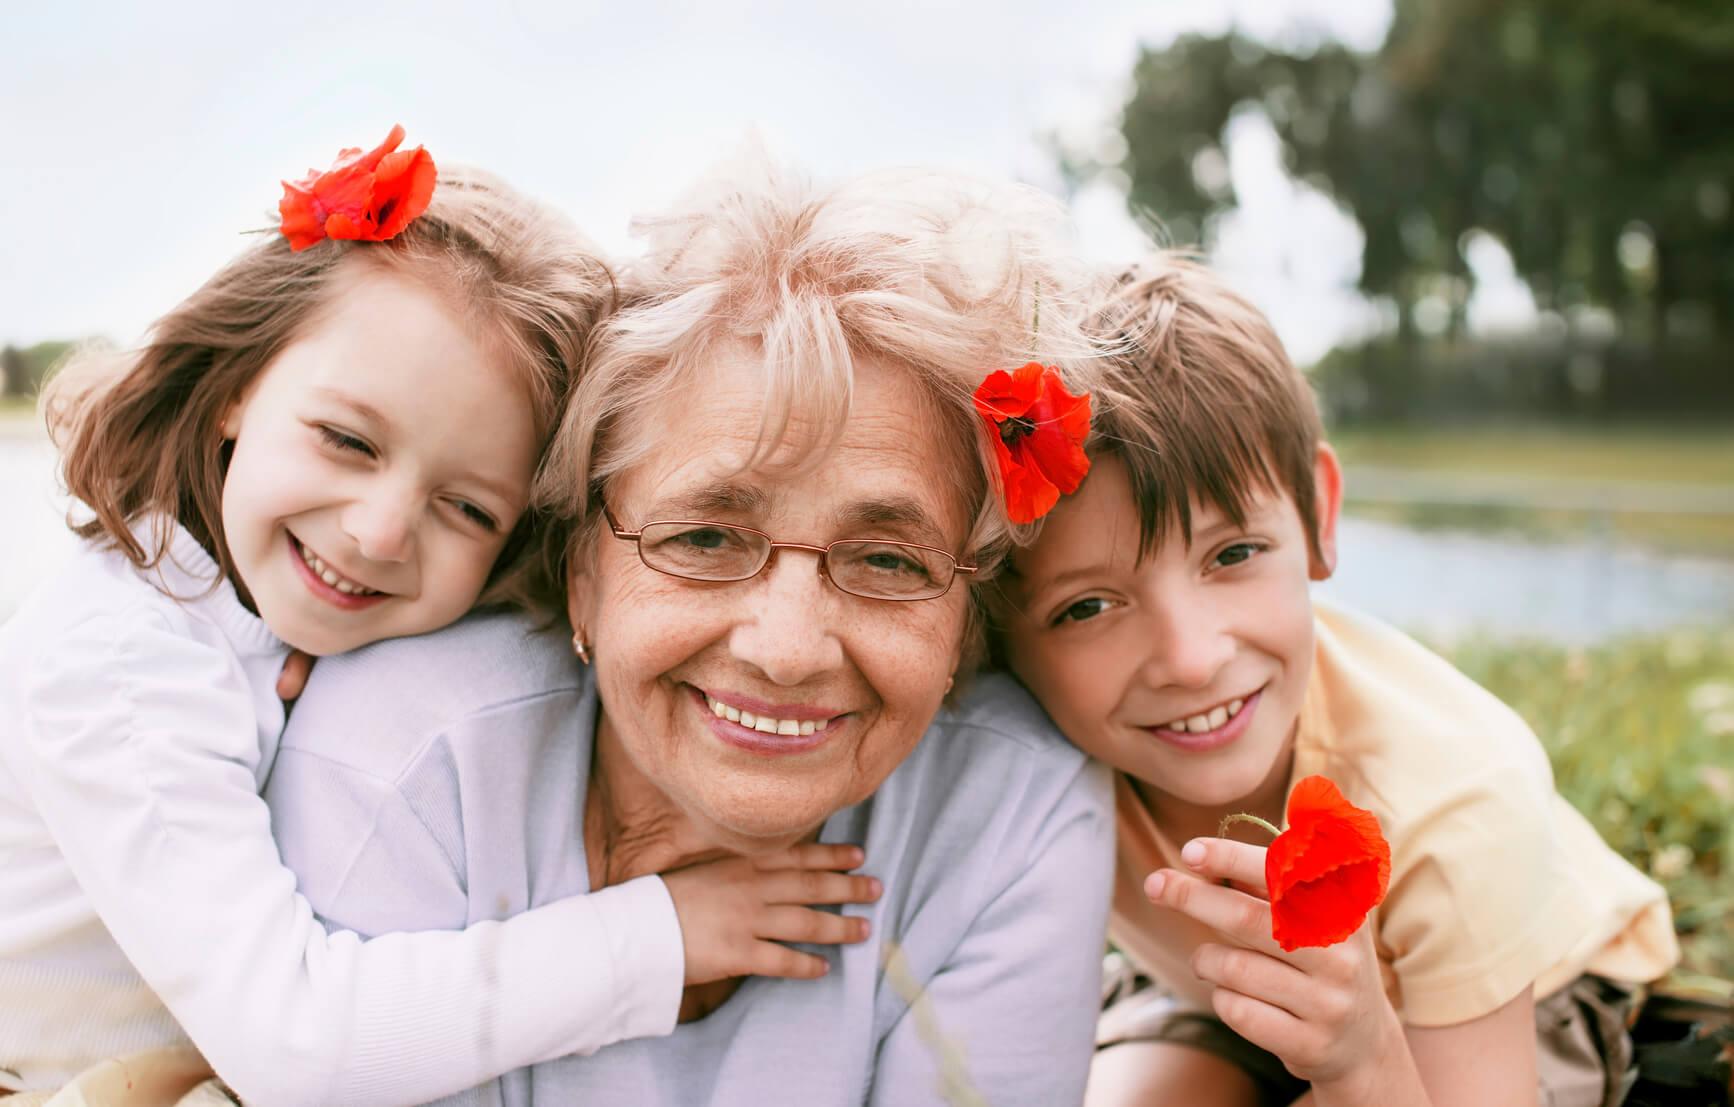 Excelente Reflexão Que Mostra a Importância Dos Netos Para Os Avós